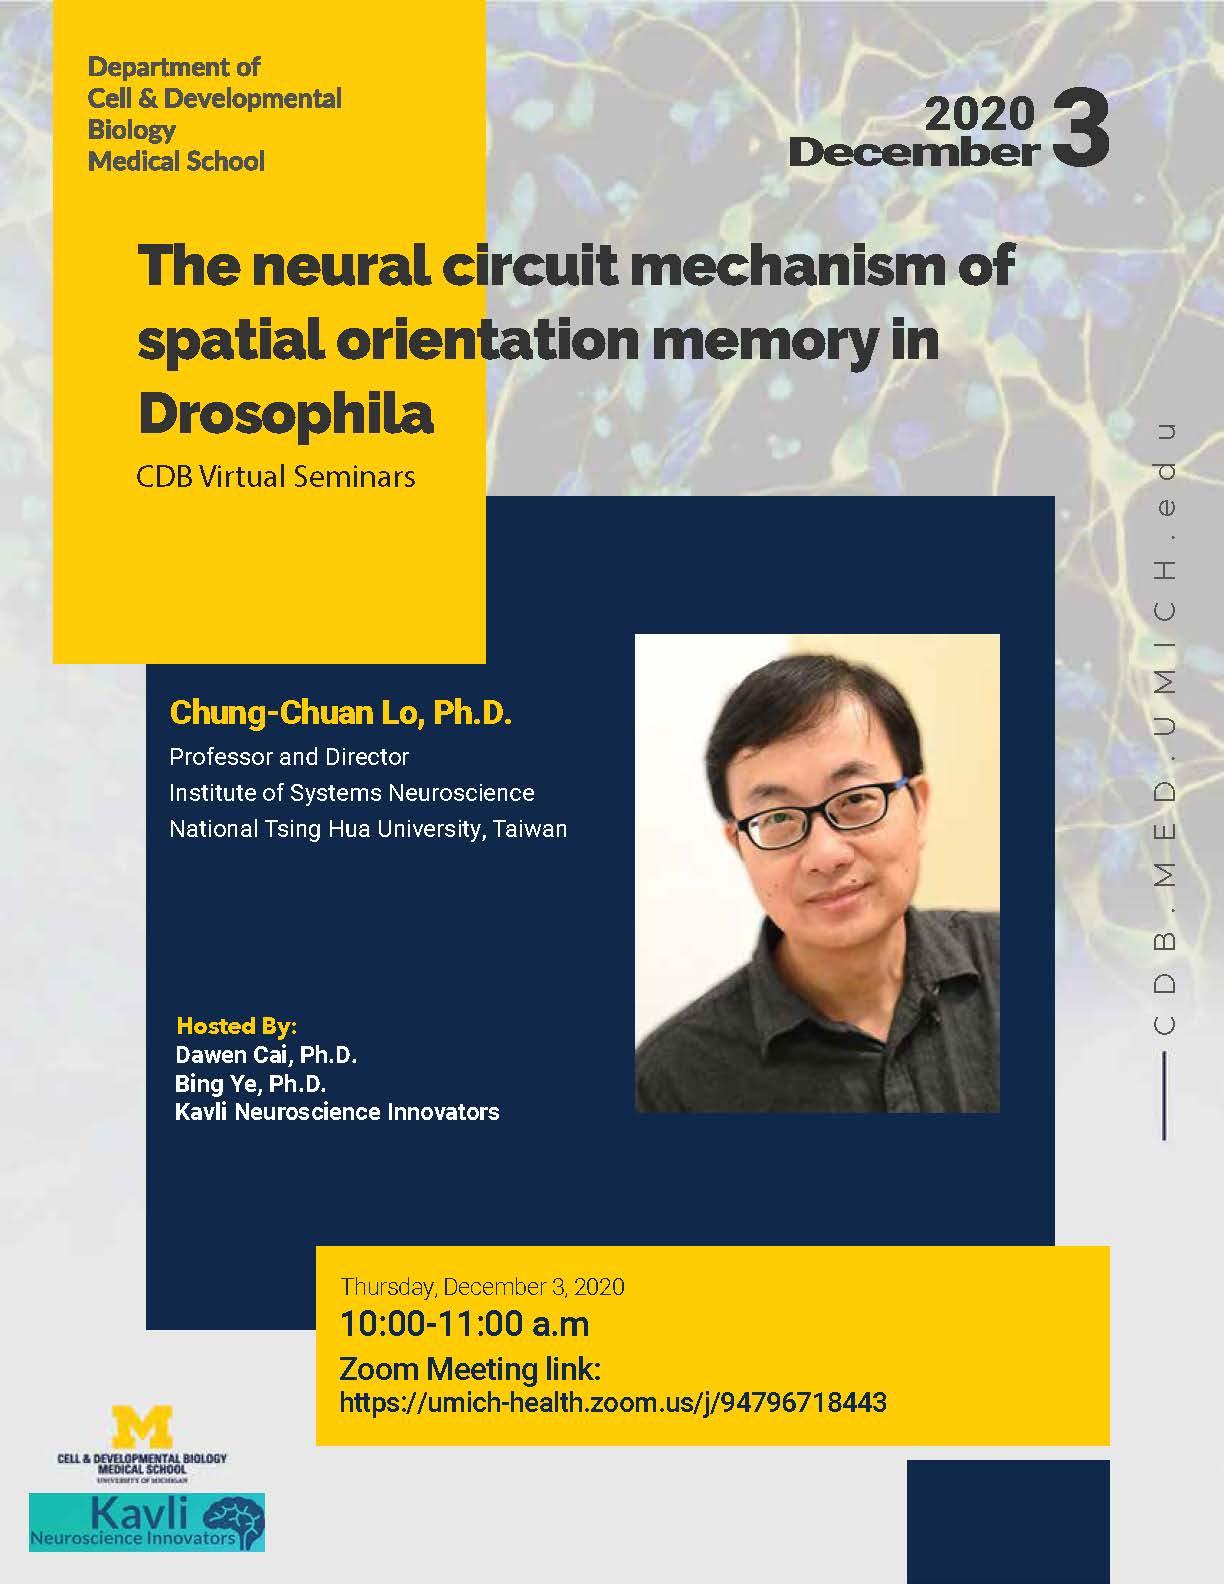 Chung-Chuan Lo, Ph.D. CDB seminars